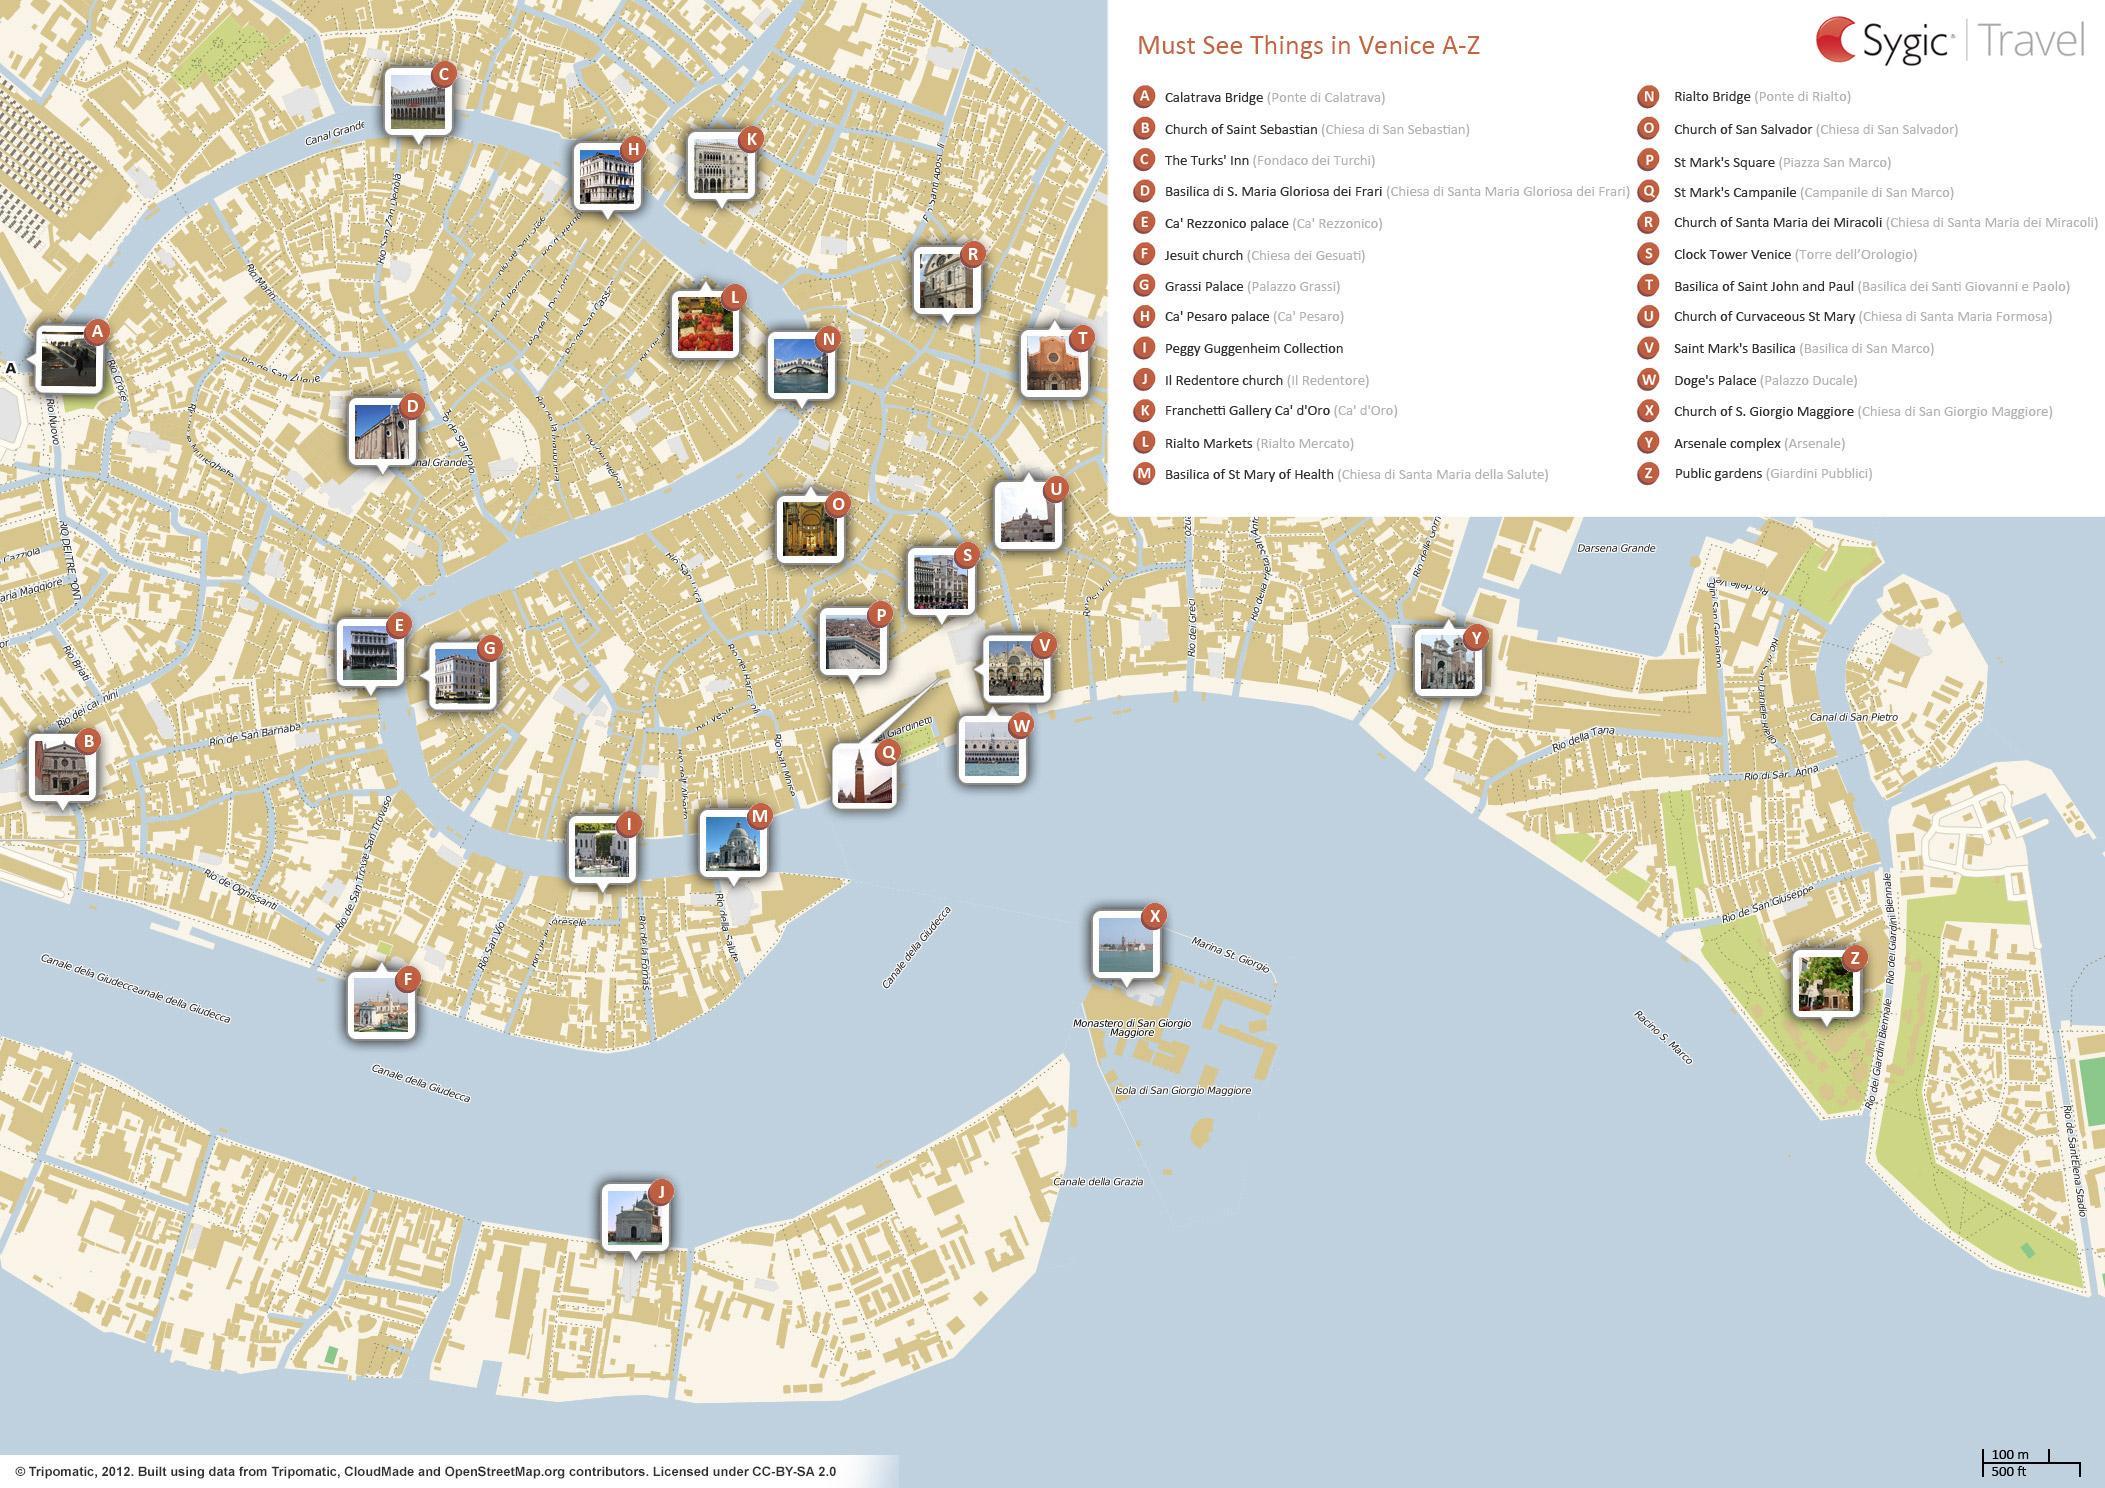 Veneția Harta Obiectivelor Turistice Venezia Harta Obiectivelor